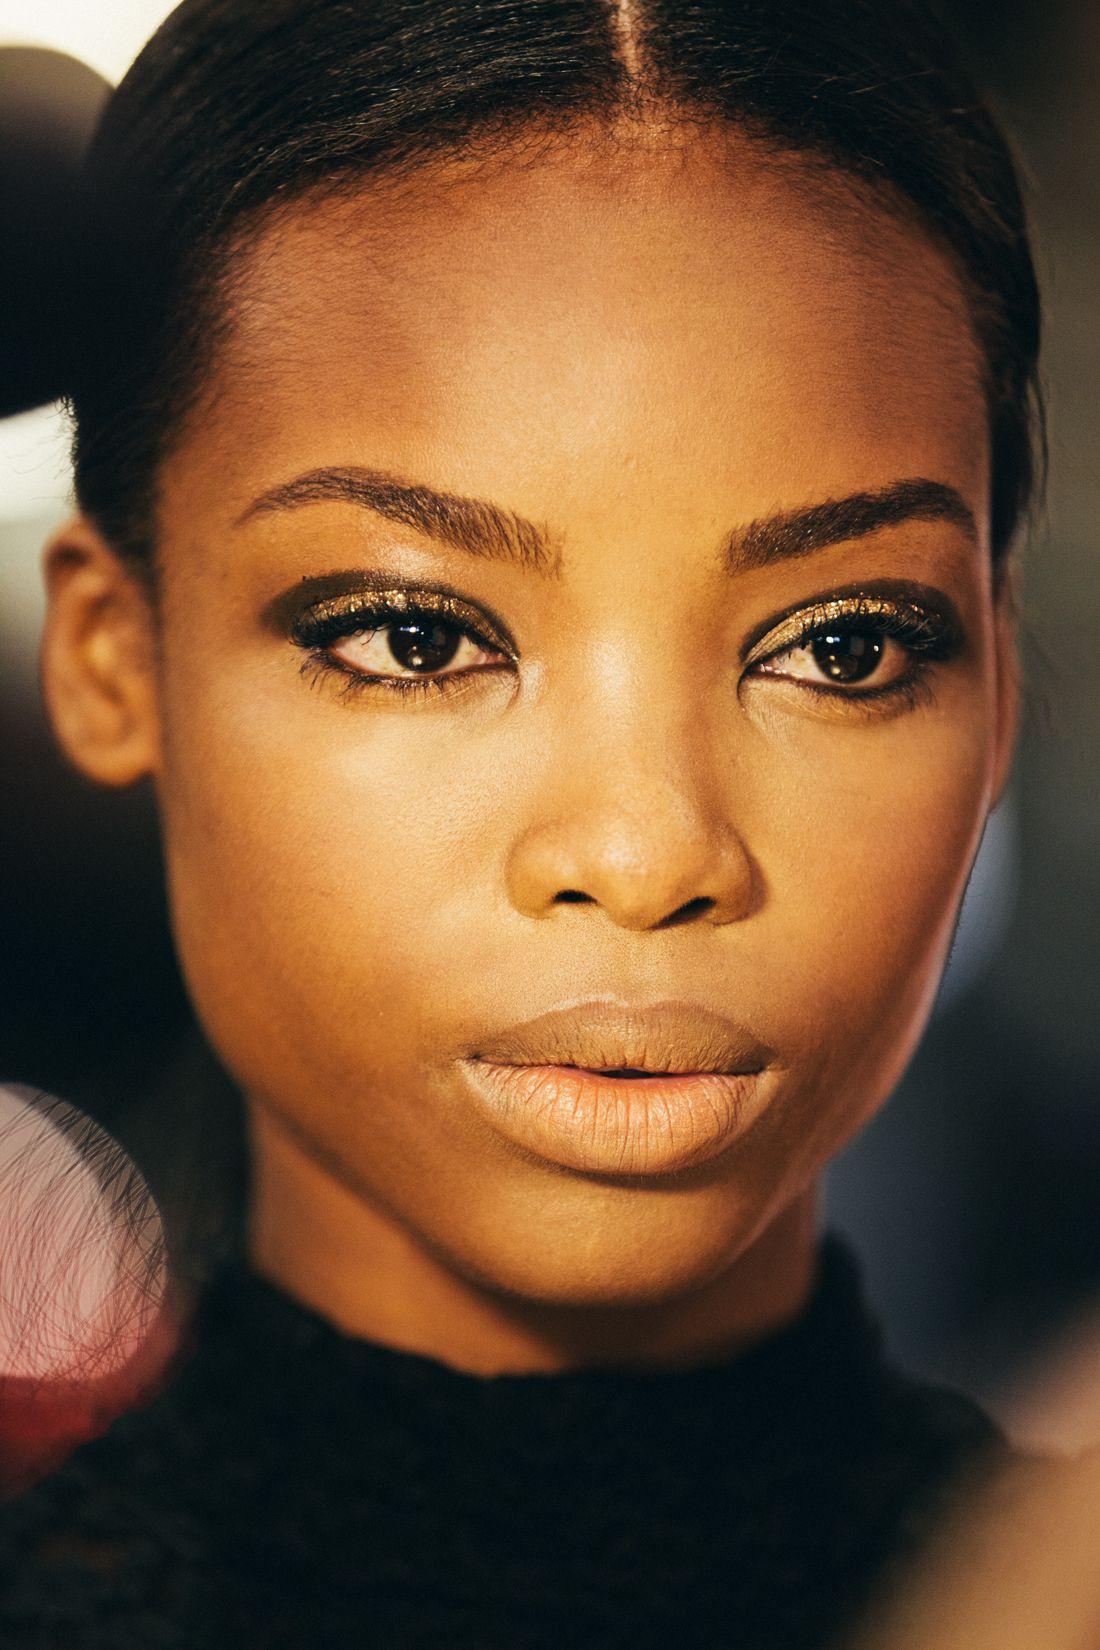 Épinglé sur Beauty Make Up